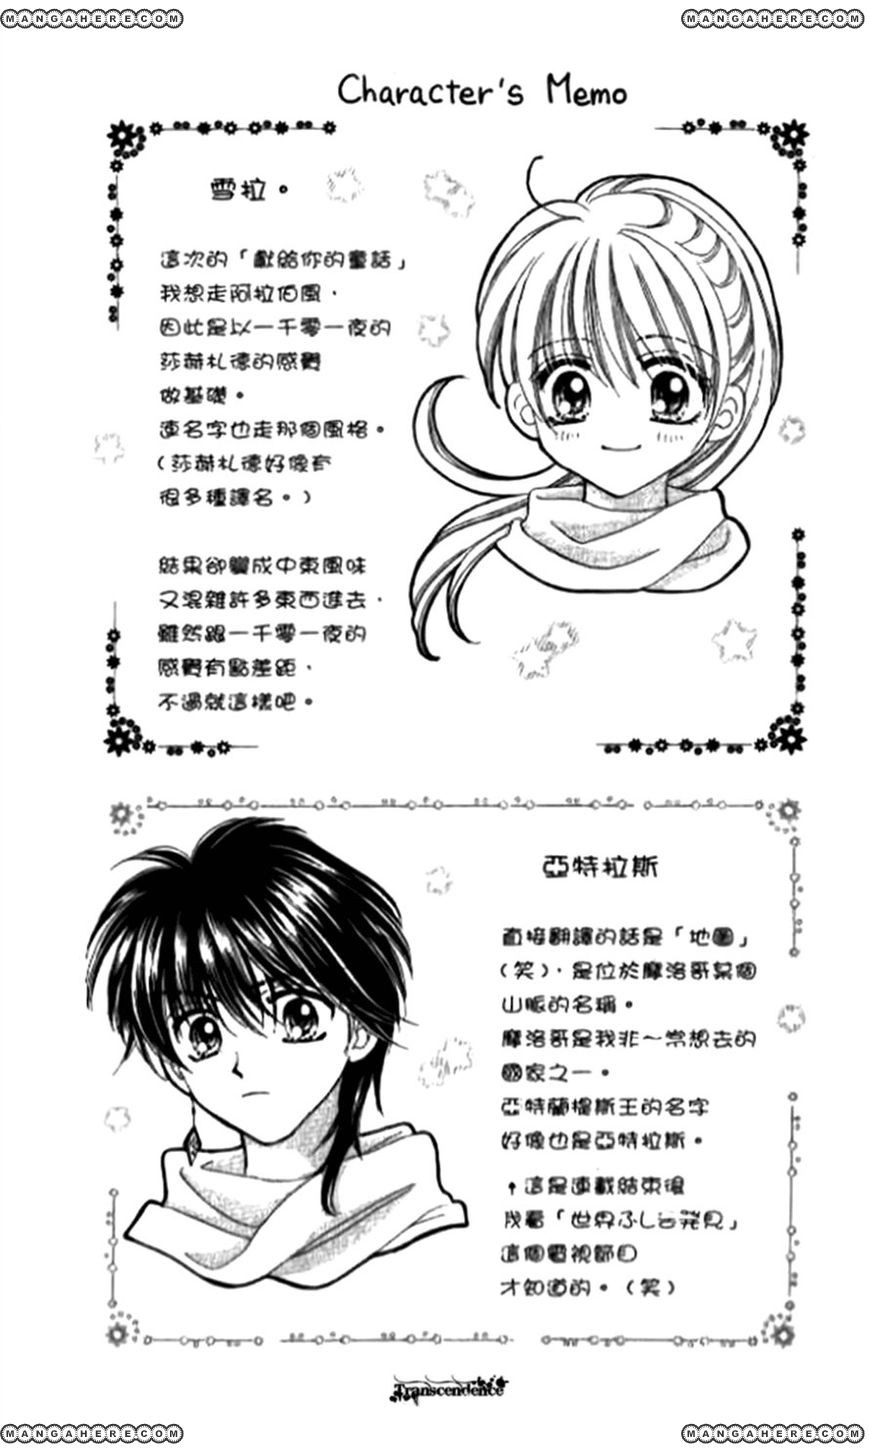 Otogibanashi Wo Anata Ni: Tsukiyo No Maihime 3 Page 1